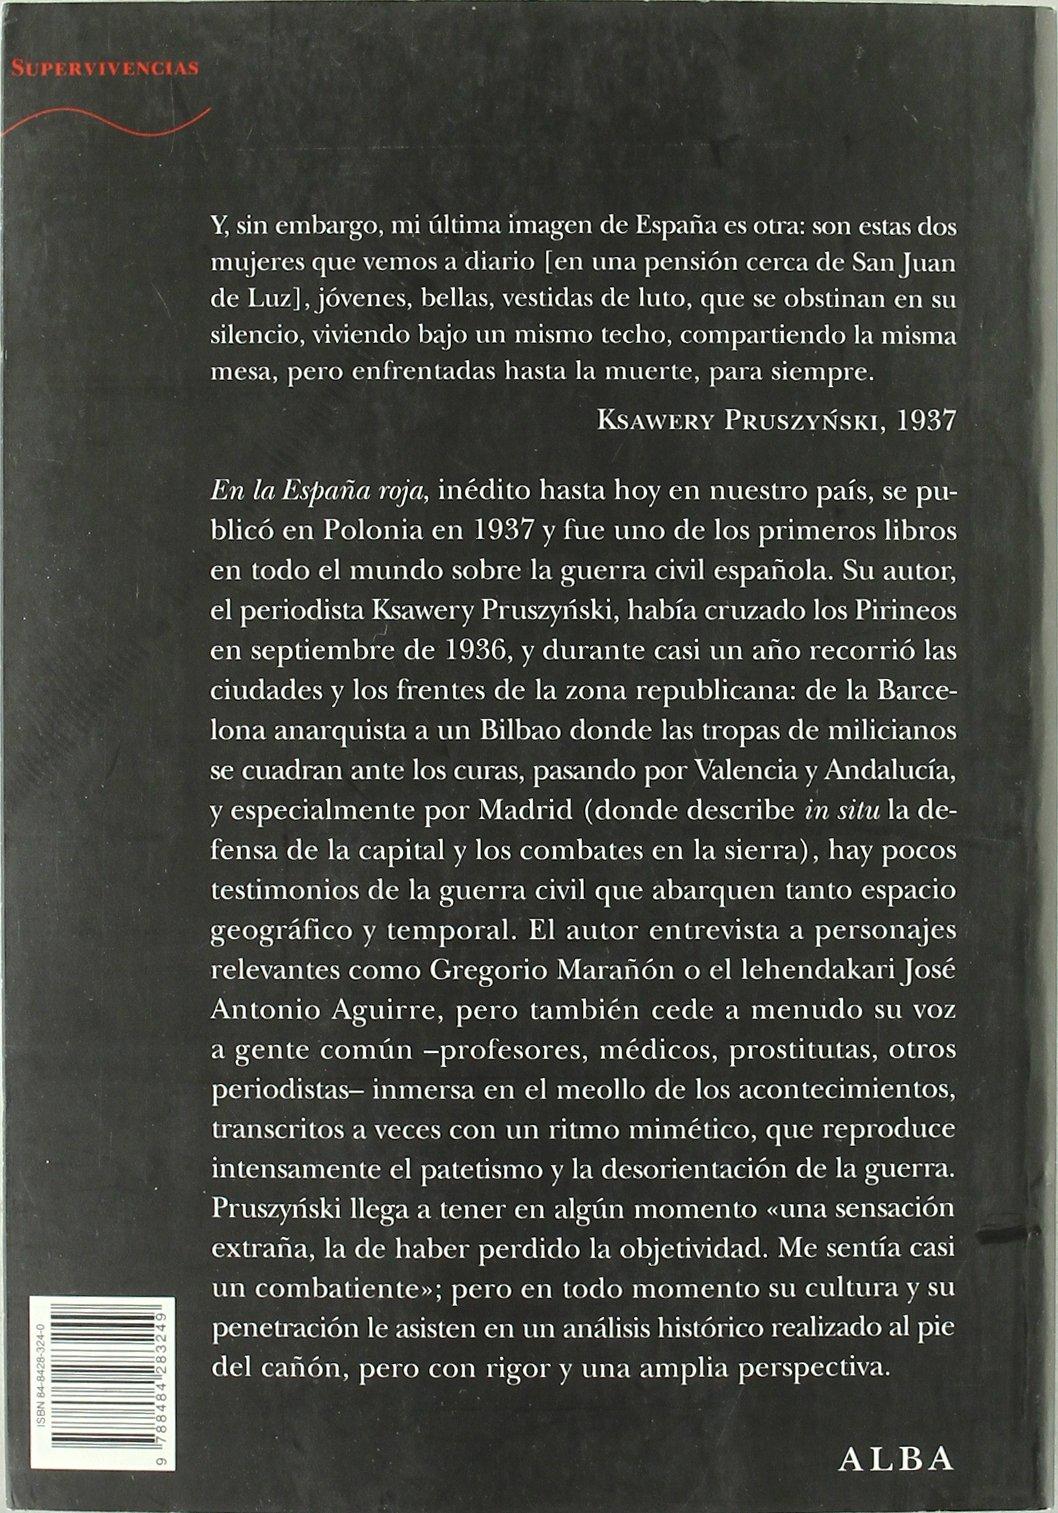 En la España roja (Trayectos Supervivencias): Amazon.es: Pruszynski, Ksawery, Olszewska, Katarzyna: Libros